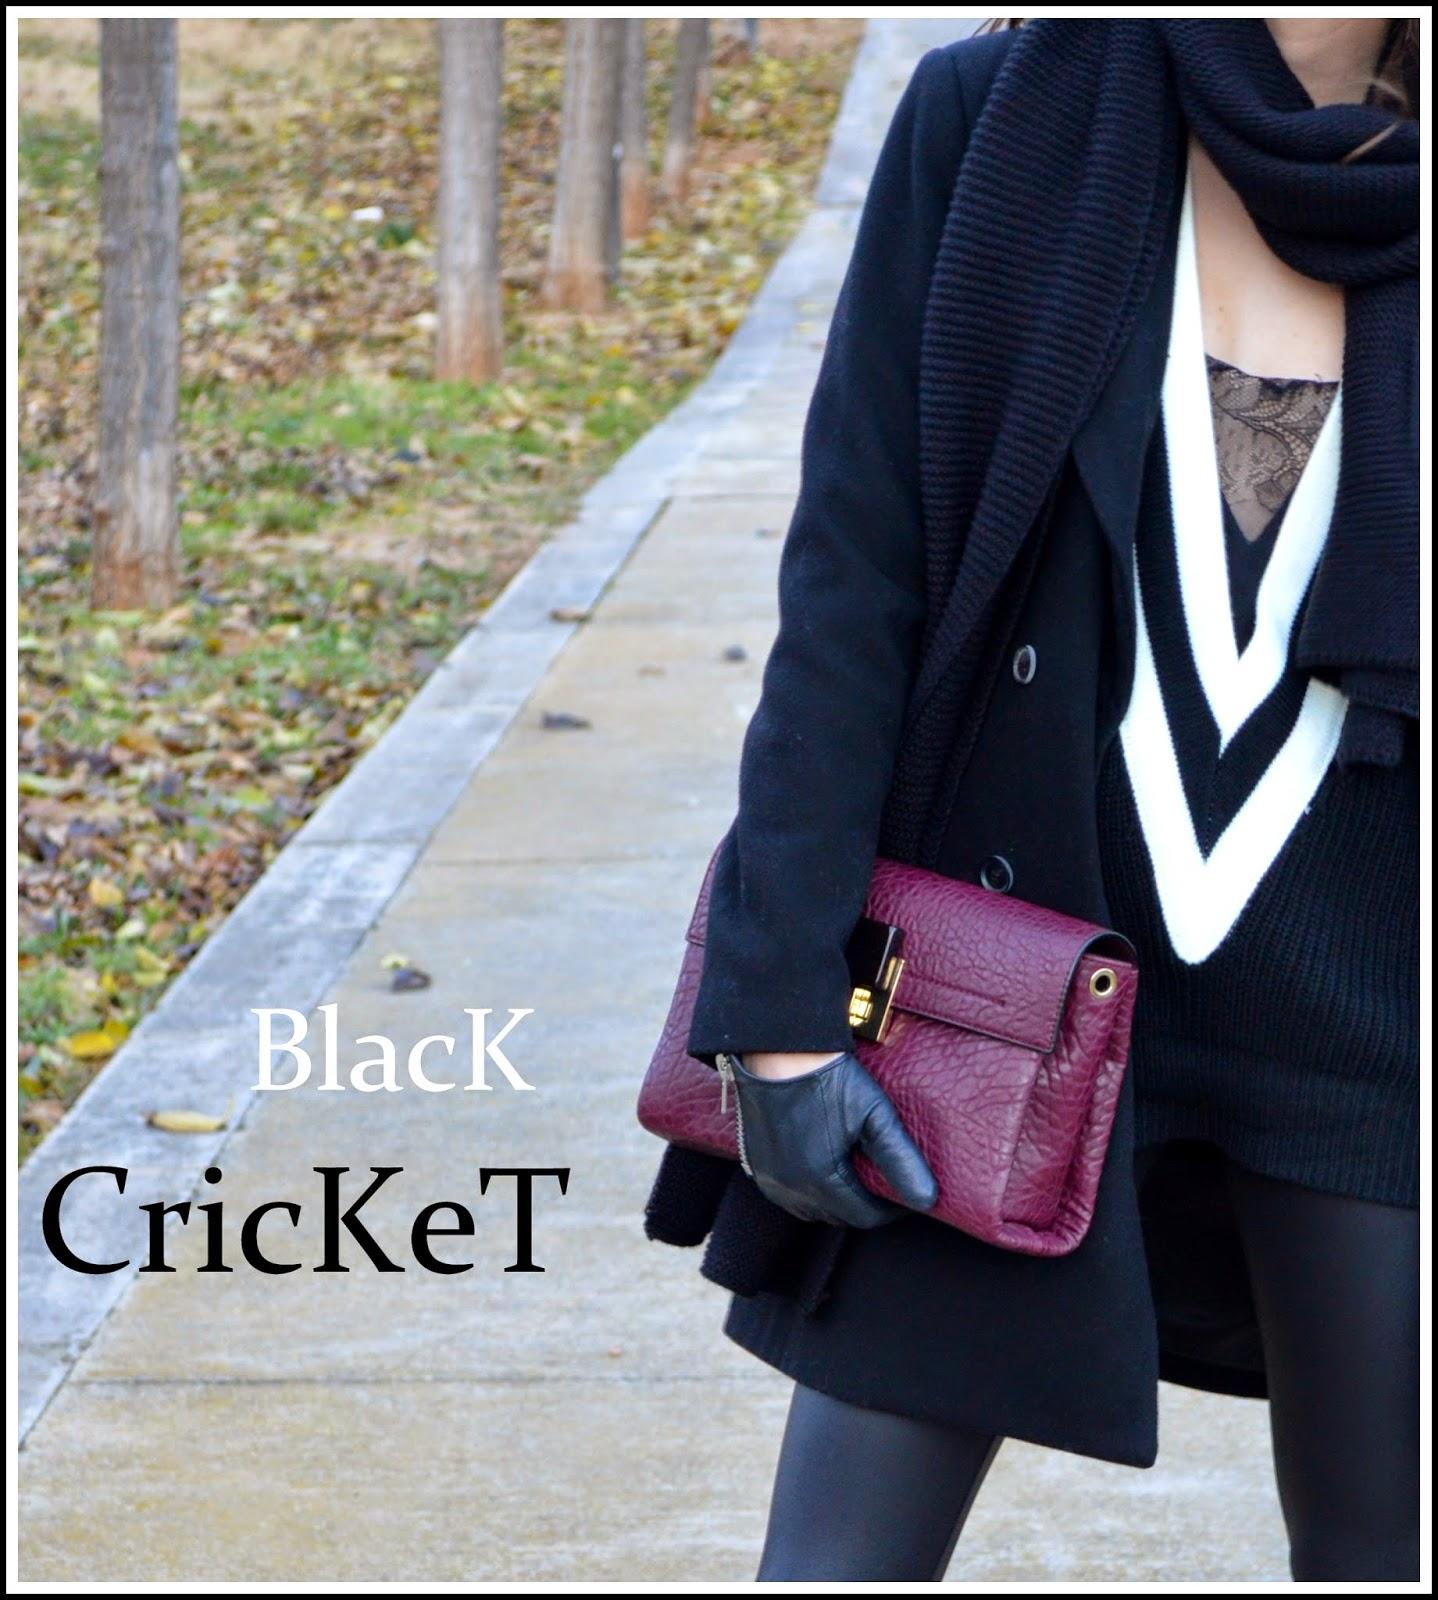 http://lookfortime.blogspot.com.es/2015/01/black-cricket.html